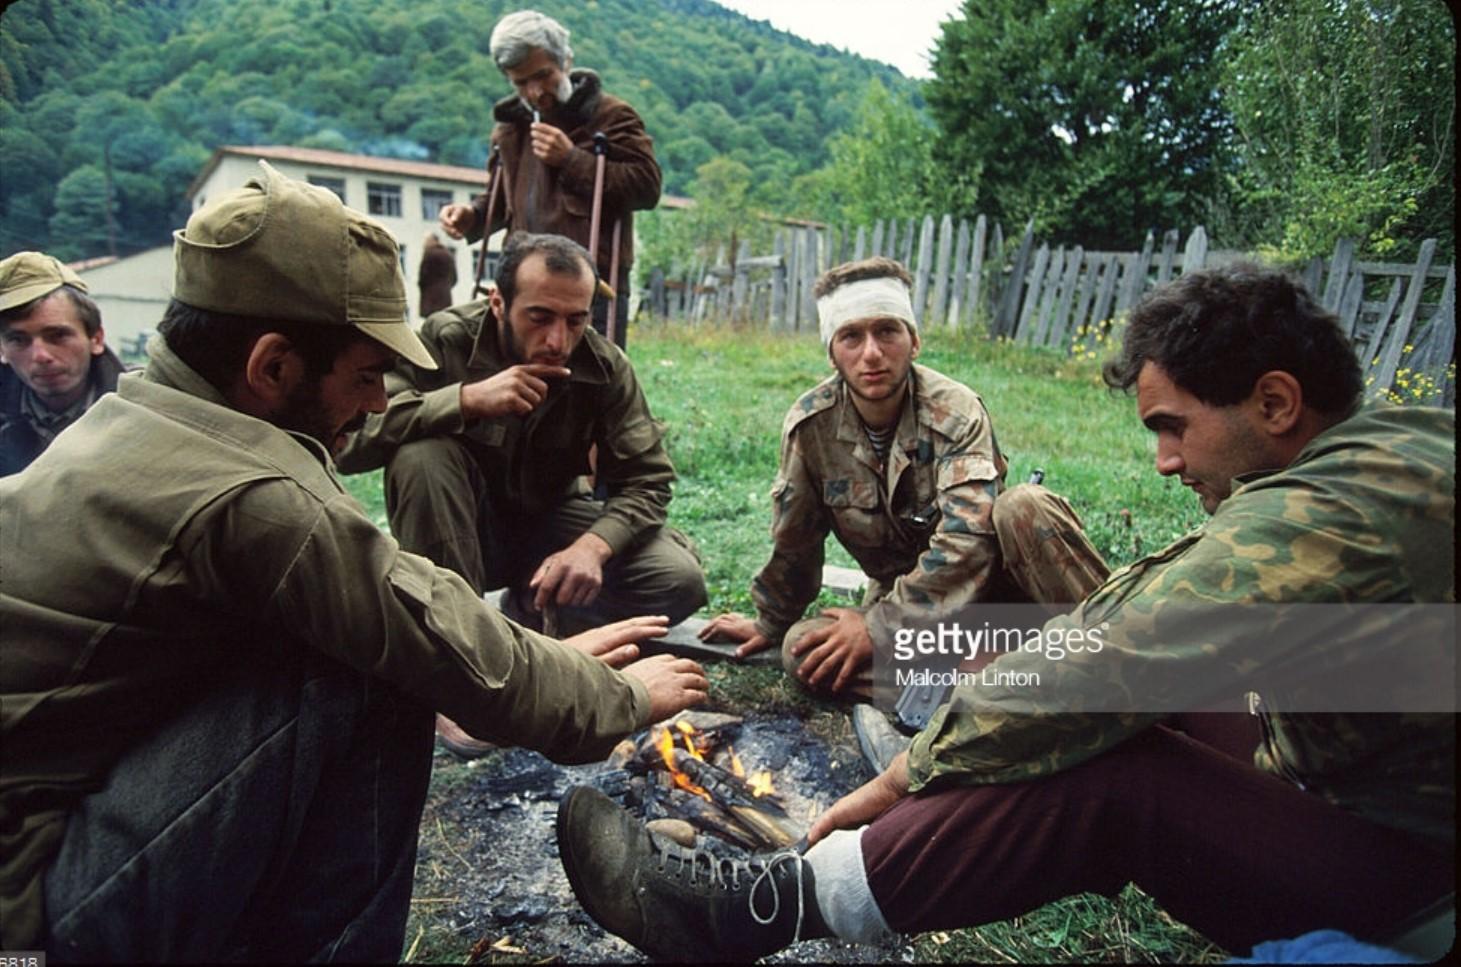 1993. 29 сентября. Окрестности Сухуми.  Группа грузинских солдат сидит возле костра